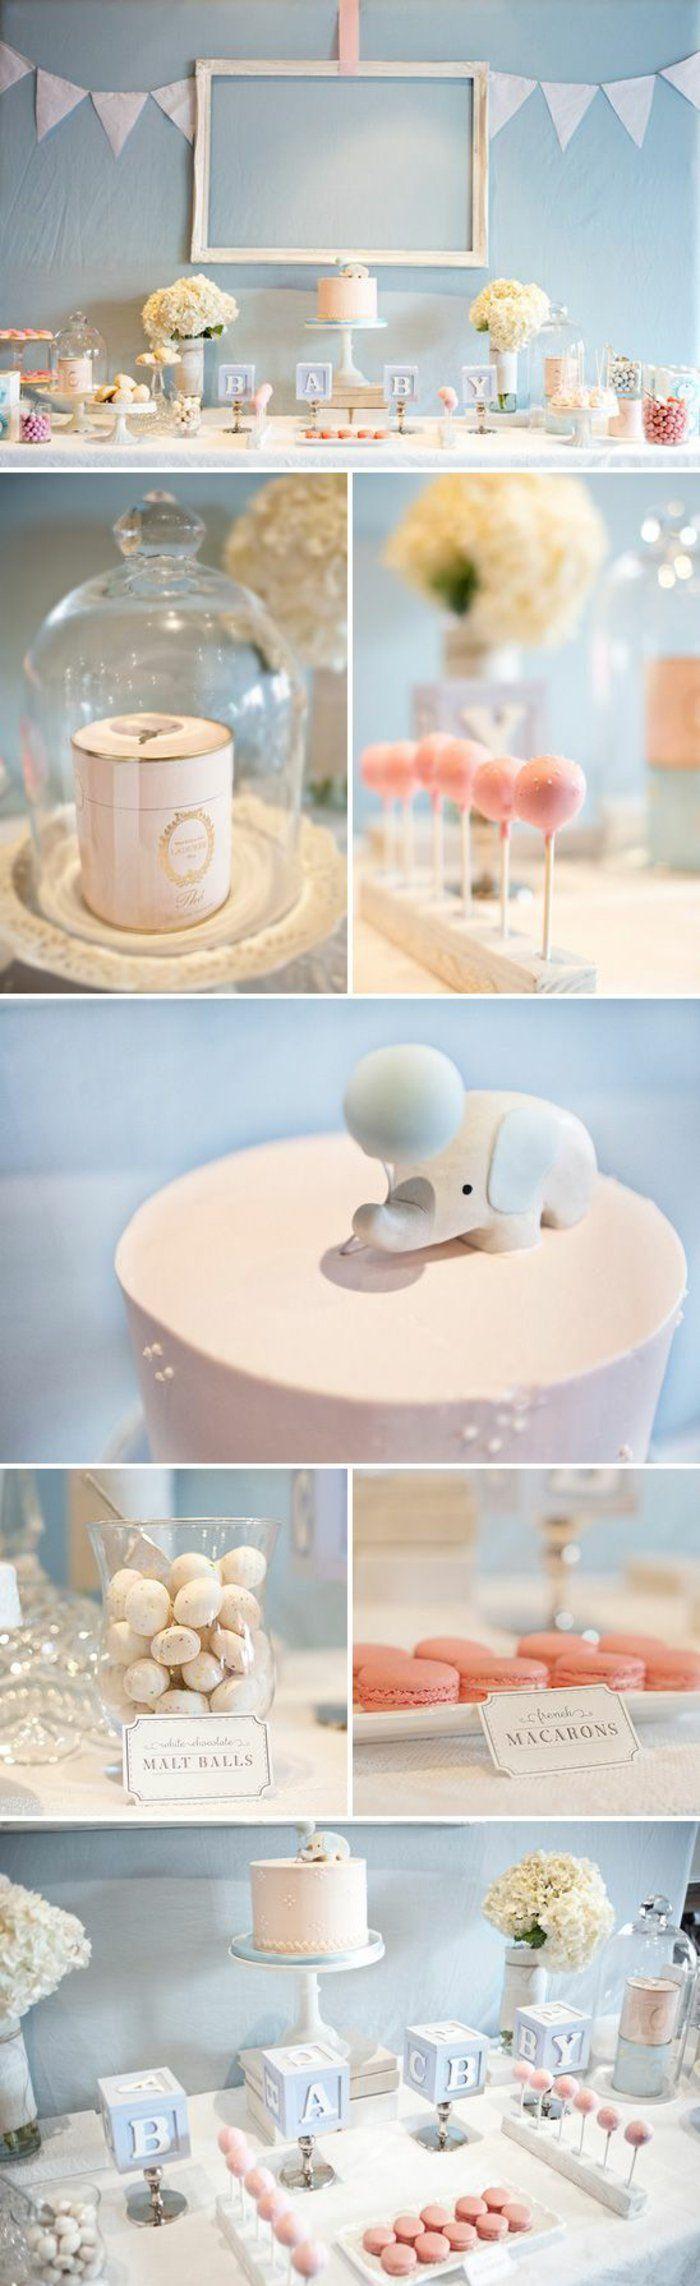 organiser-une-baby-shower-thème-éléphant-déco-en-couleurs-pastel